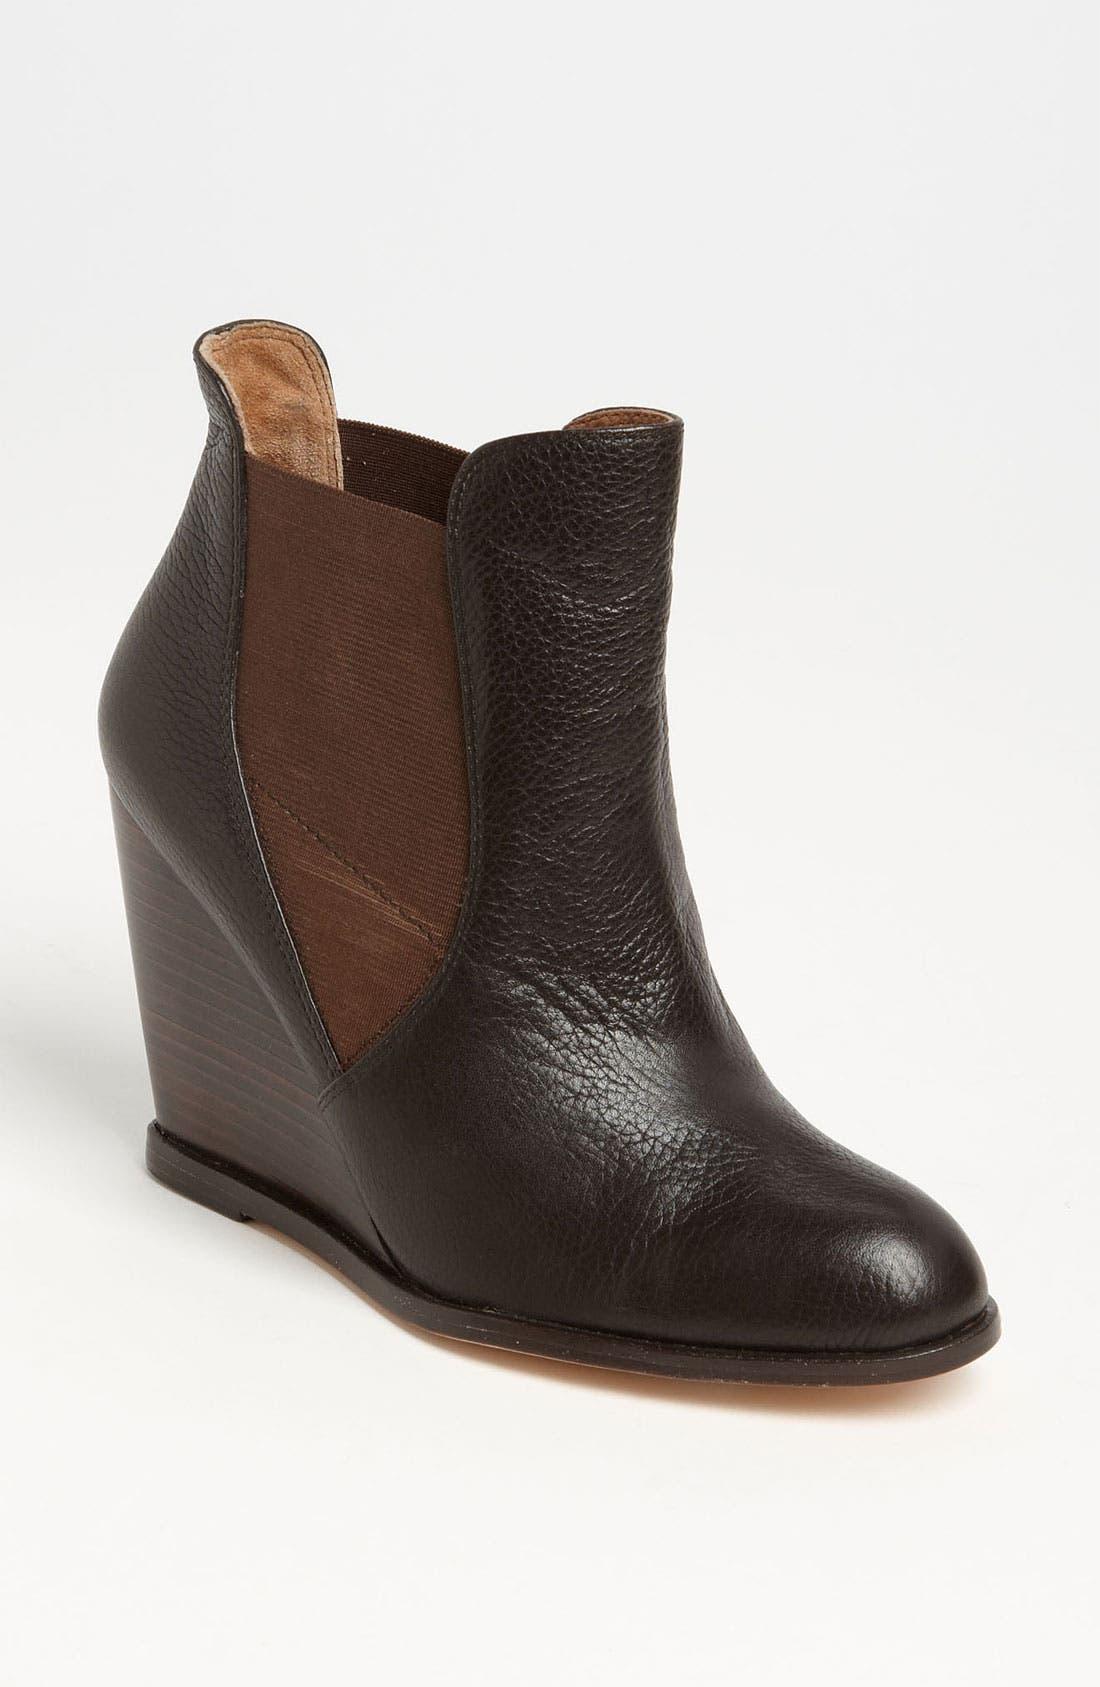 Alternate Image 1 Selected - Corso Como 'Lexy' Boot